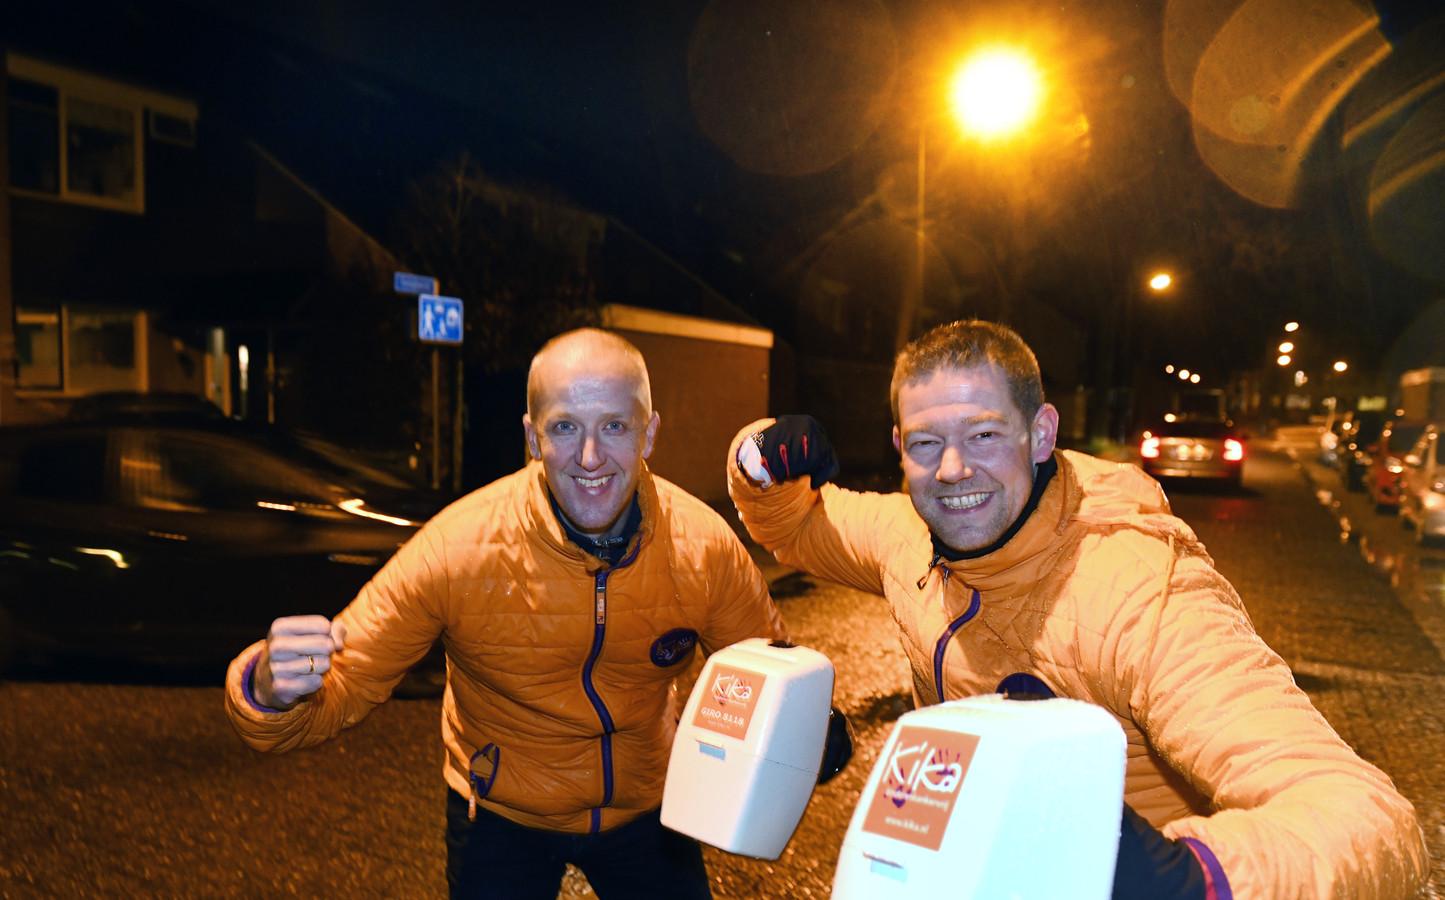 Marcel van Veldhuizen en Marcel Beijert collecteren voor KiKa in Veenendaal.